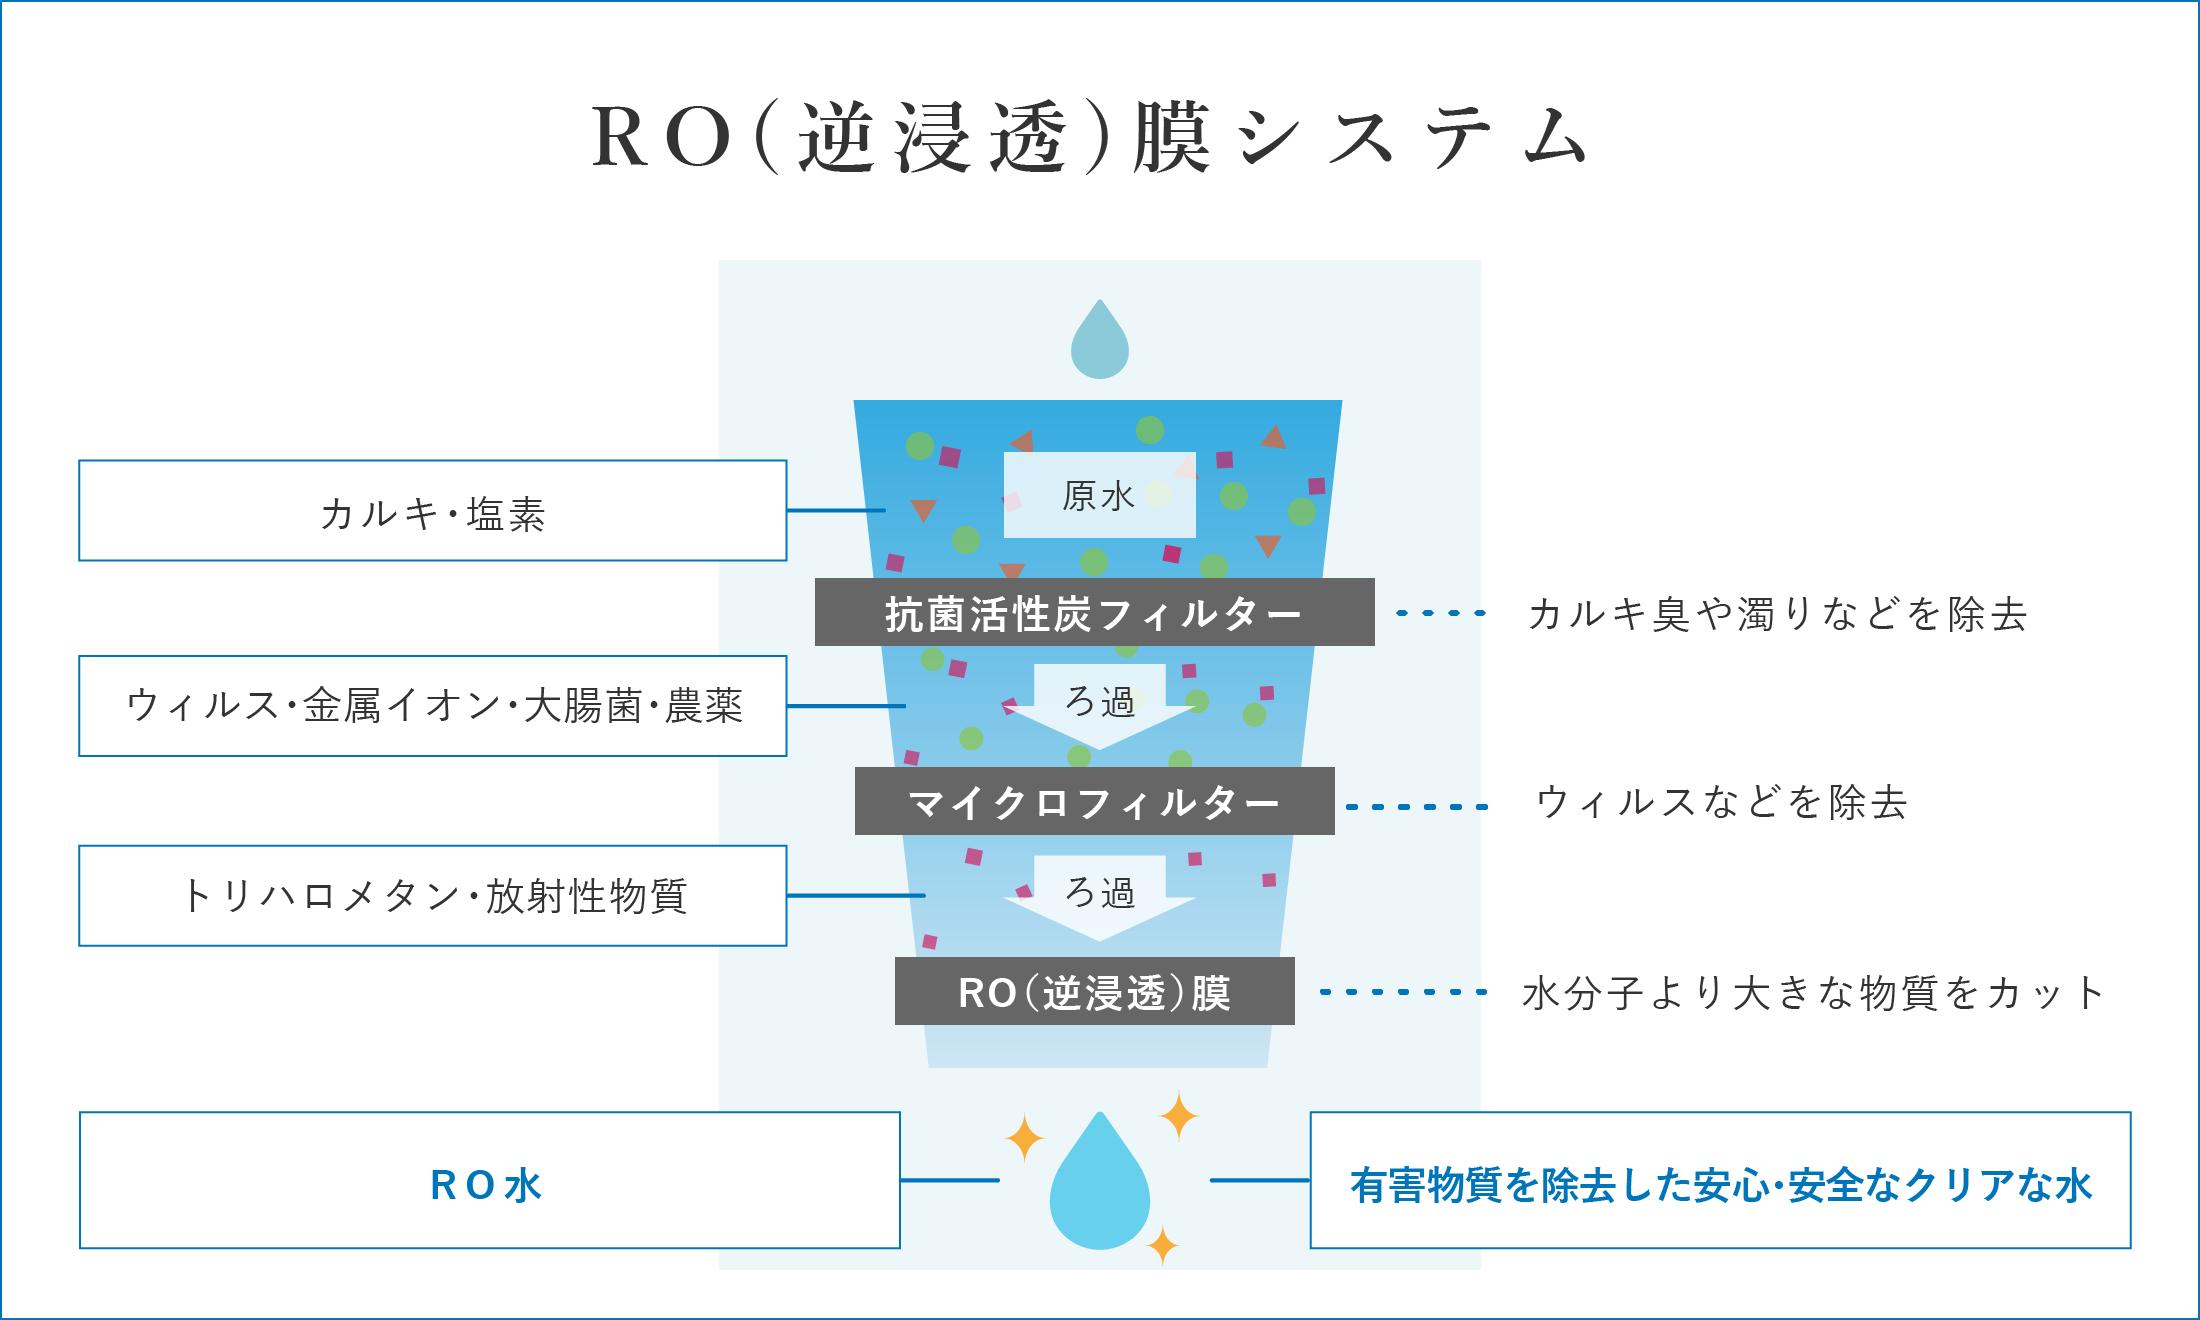 ROシステム